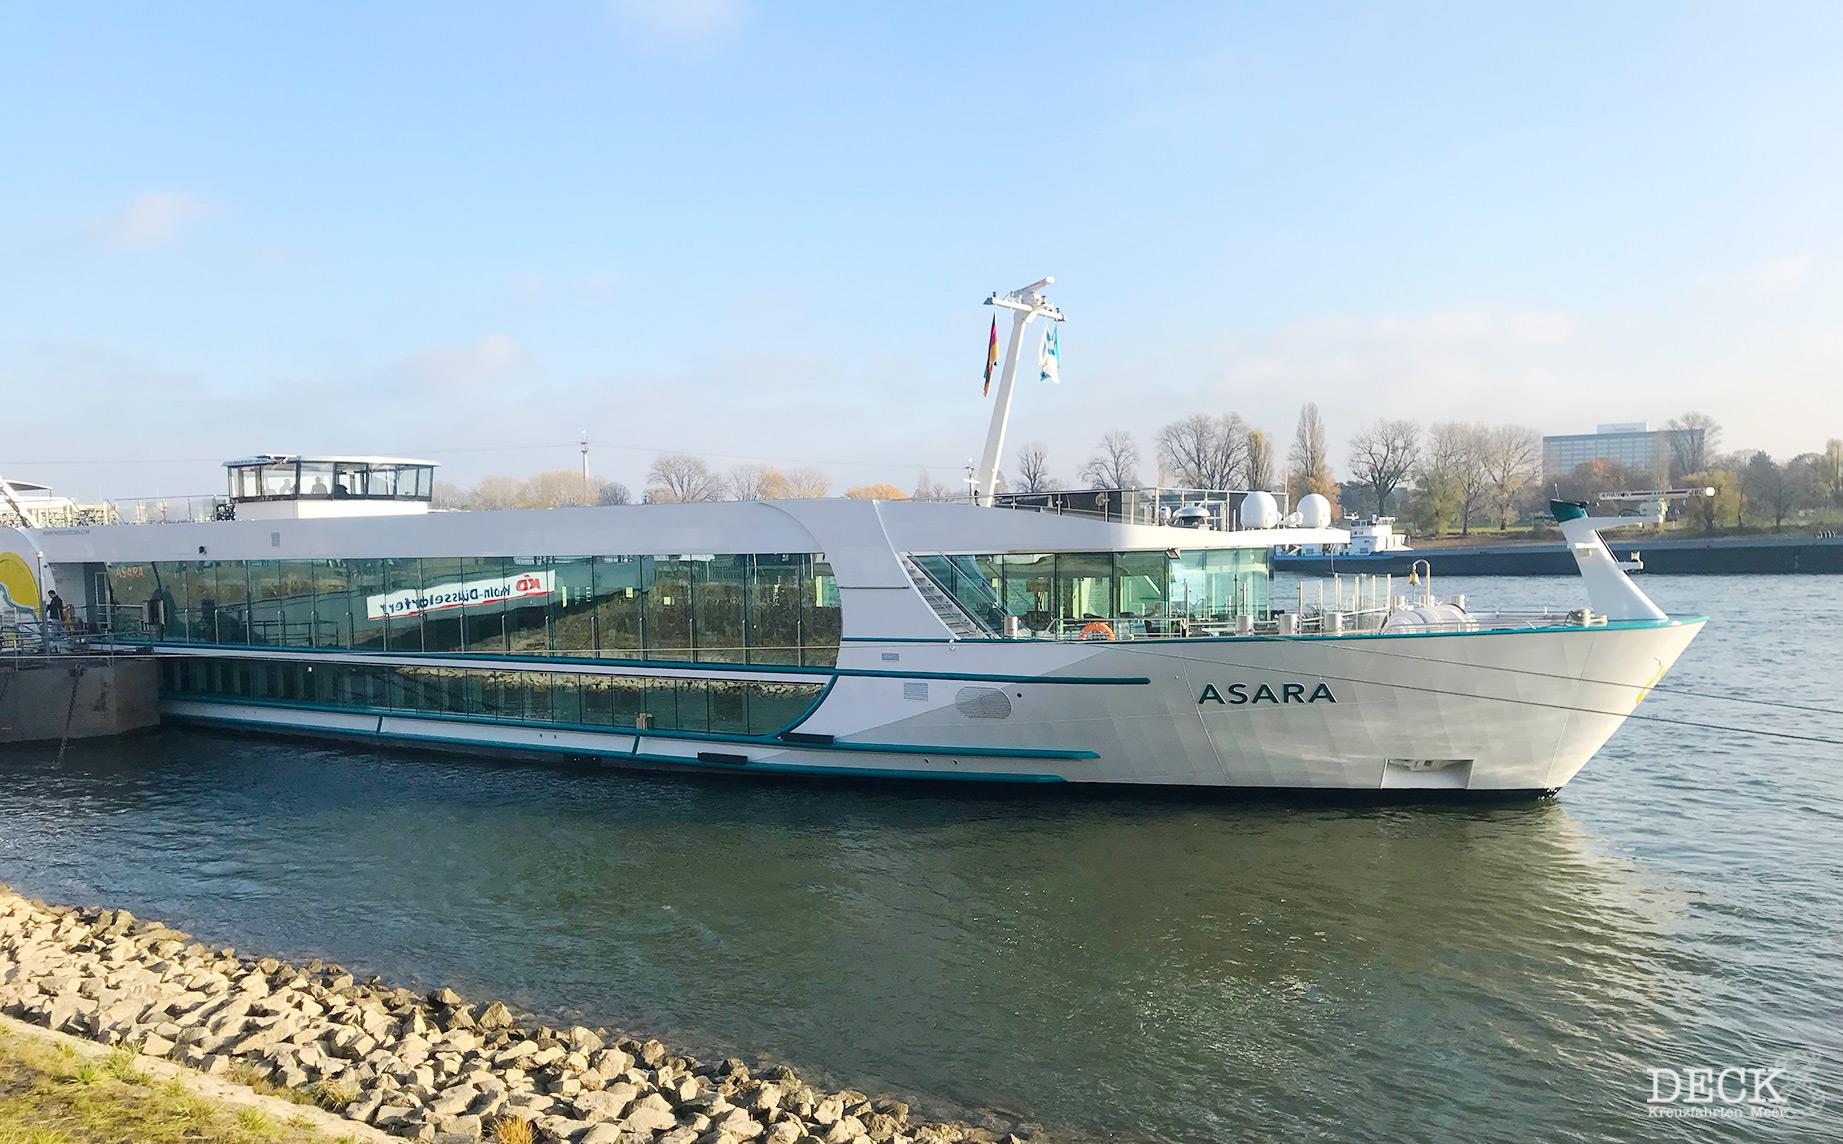 Welche Auswirkungen hat das Corona-Virus auf die Flusskreuzfahrt?